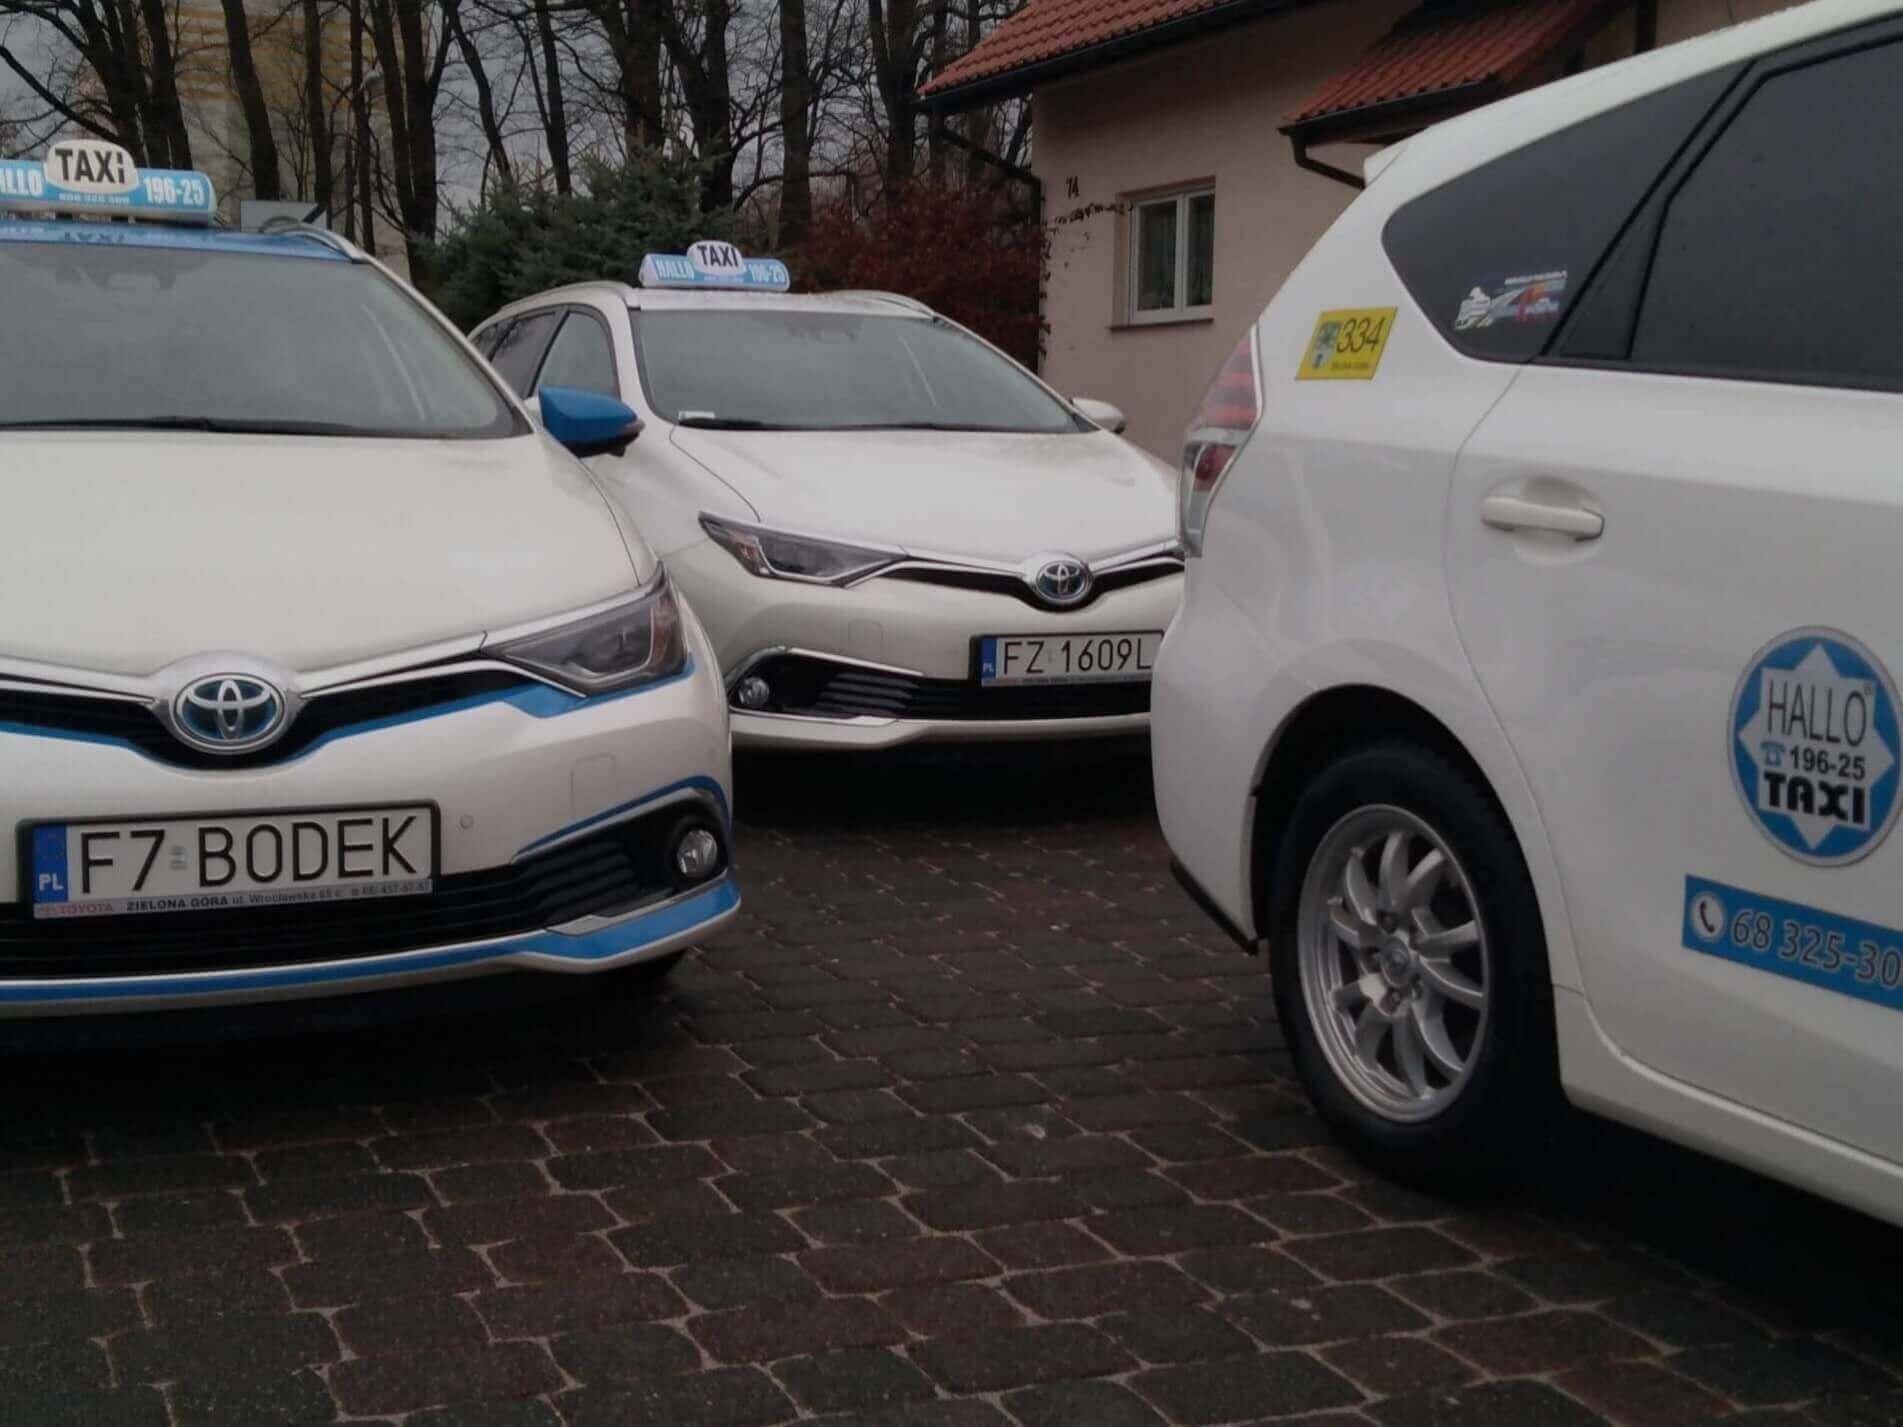 Taksowka Zielona Gora Hallo Taxi Zielona Gora